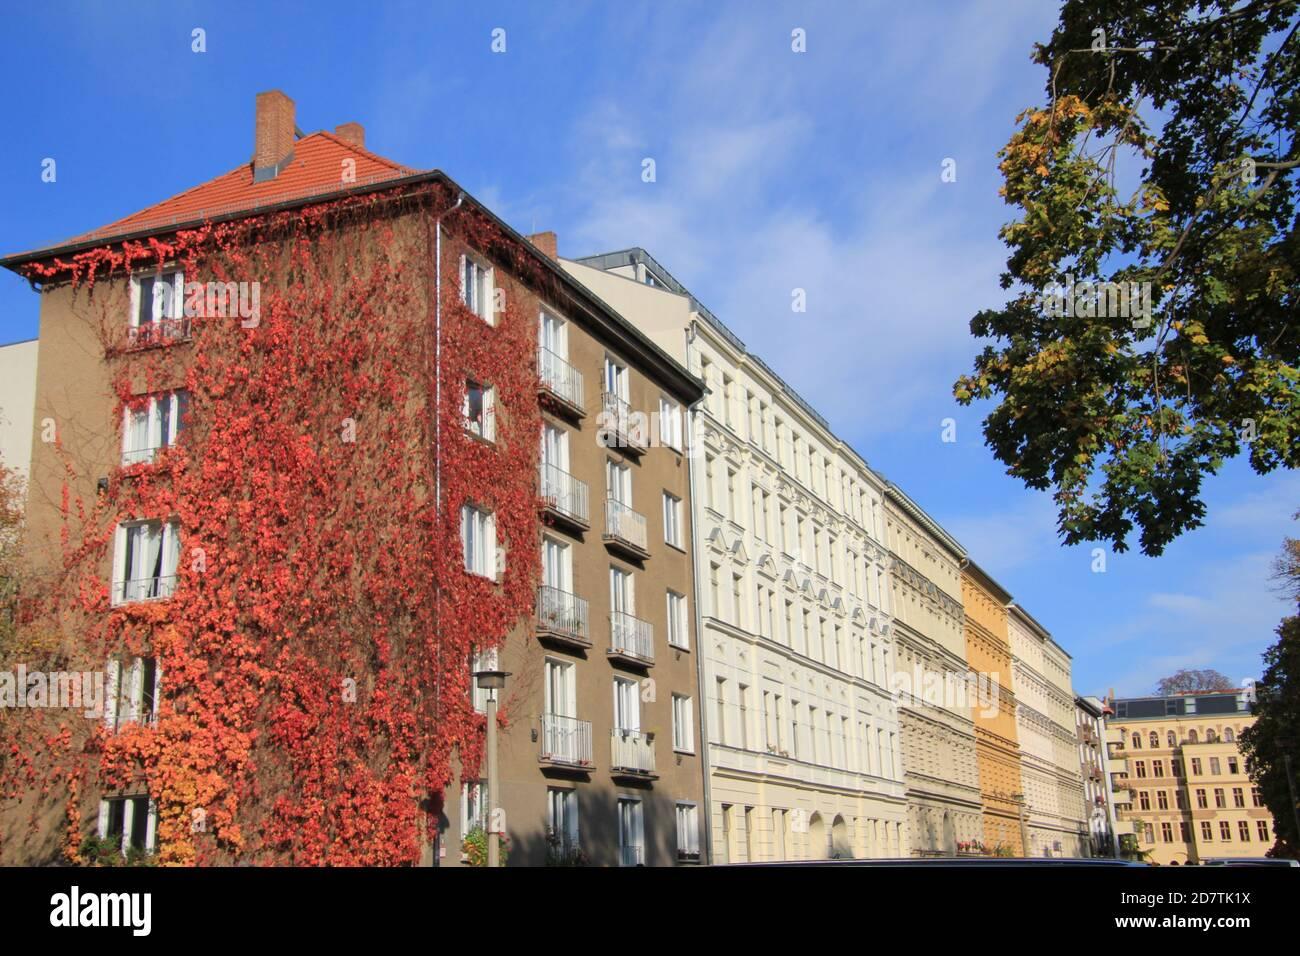 Wohnhäuser werden von der Herbstsonne in der Diedenhofer Straße, Berlin Prenzlauer-Berg, angestrahlt. Park am Wasserturm. Stock Photo